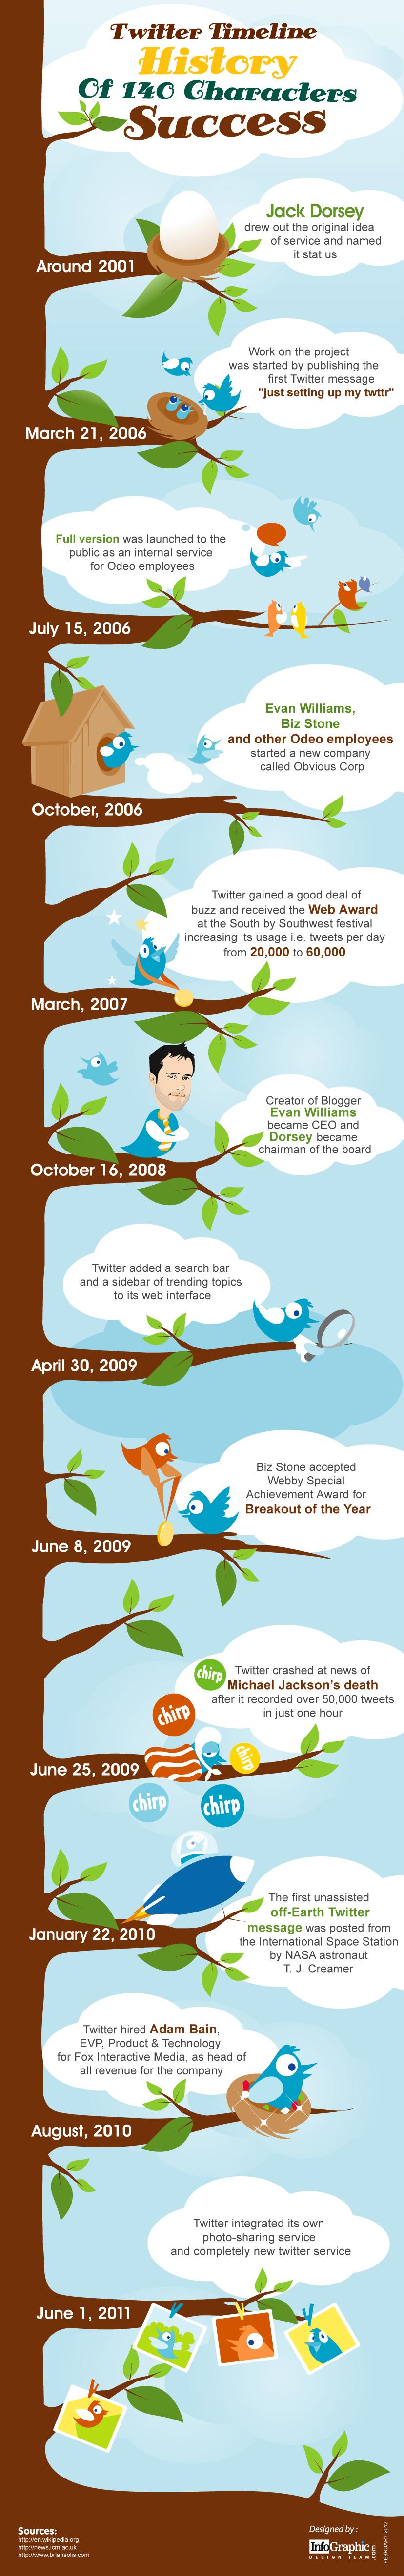 Tiwtter Timeline